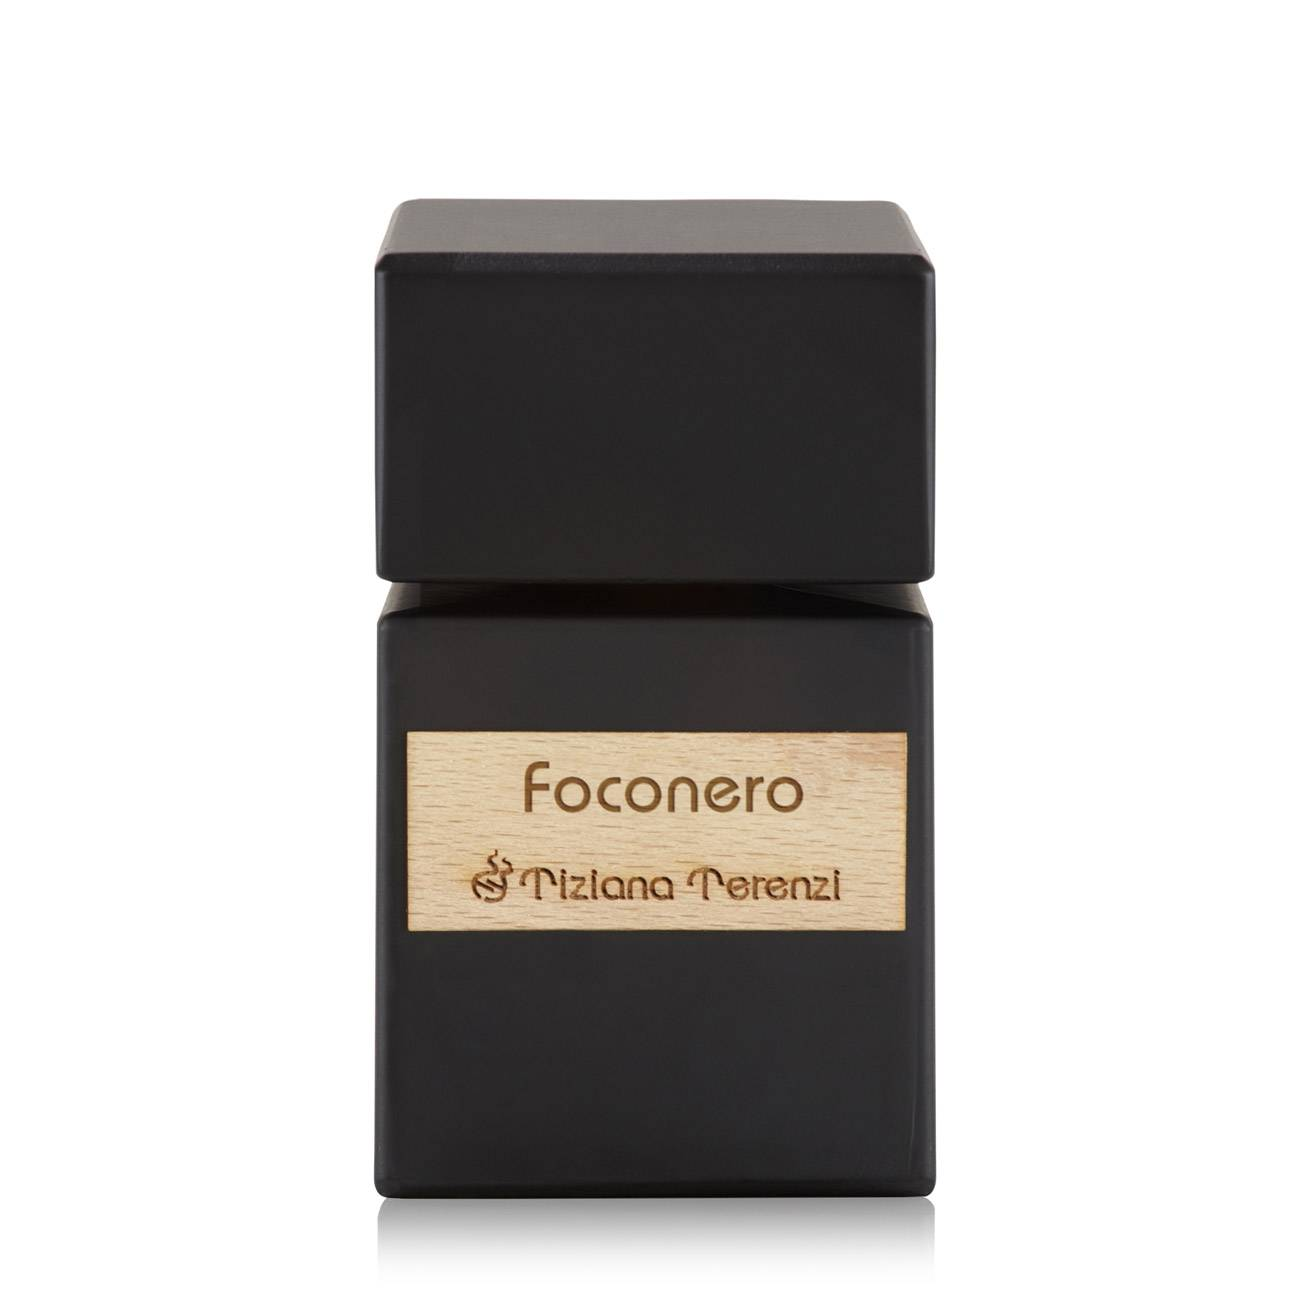 FOCONERO 100ml